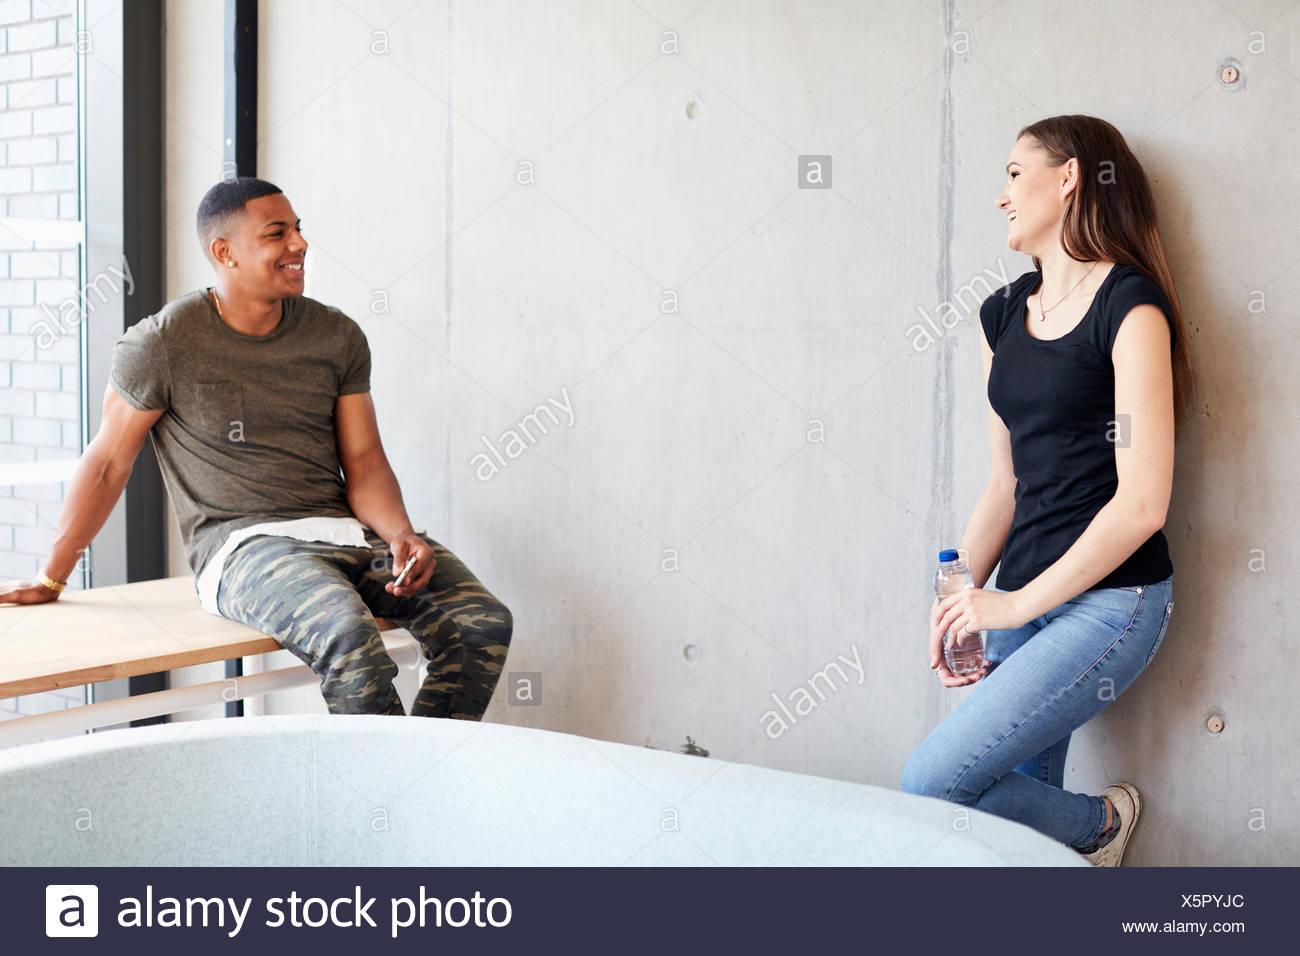 Les jeunes garçons et filles de flirter dans l'espace d'étude au Collège d'enseignement supérieur Photo Stock